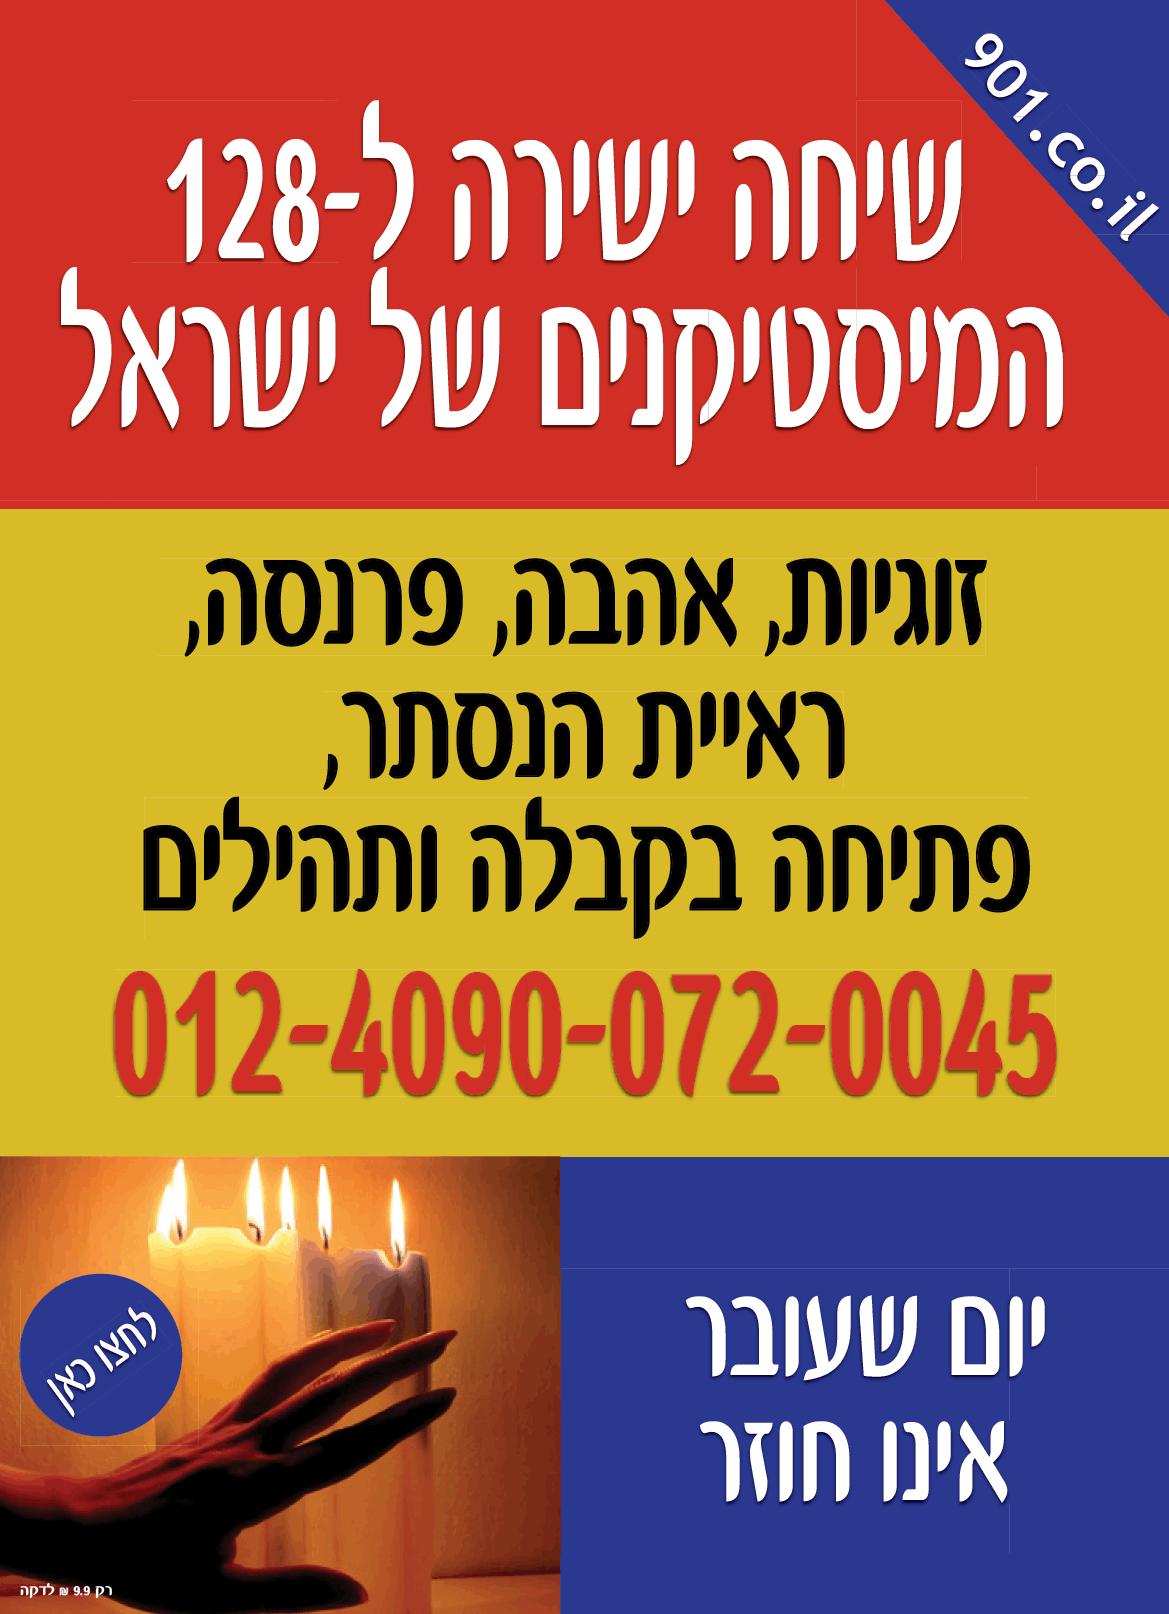 פאדיחה: מודעה בישראל היום רוצה שתקליקו עליה לפרטים נוספים